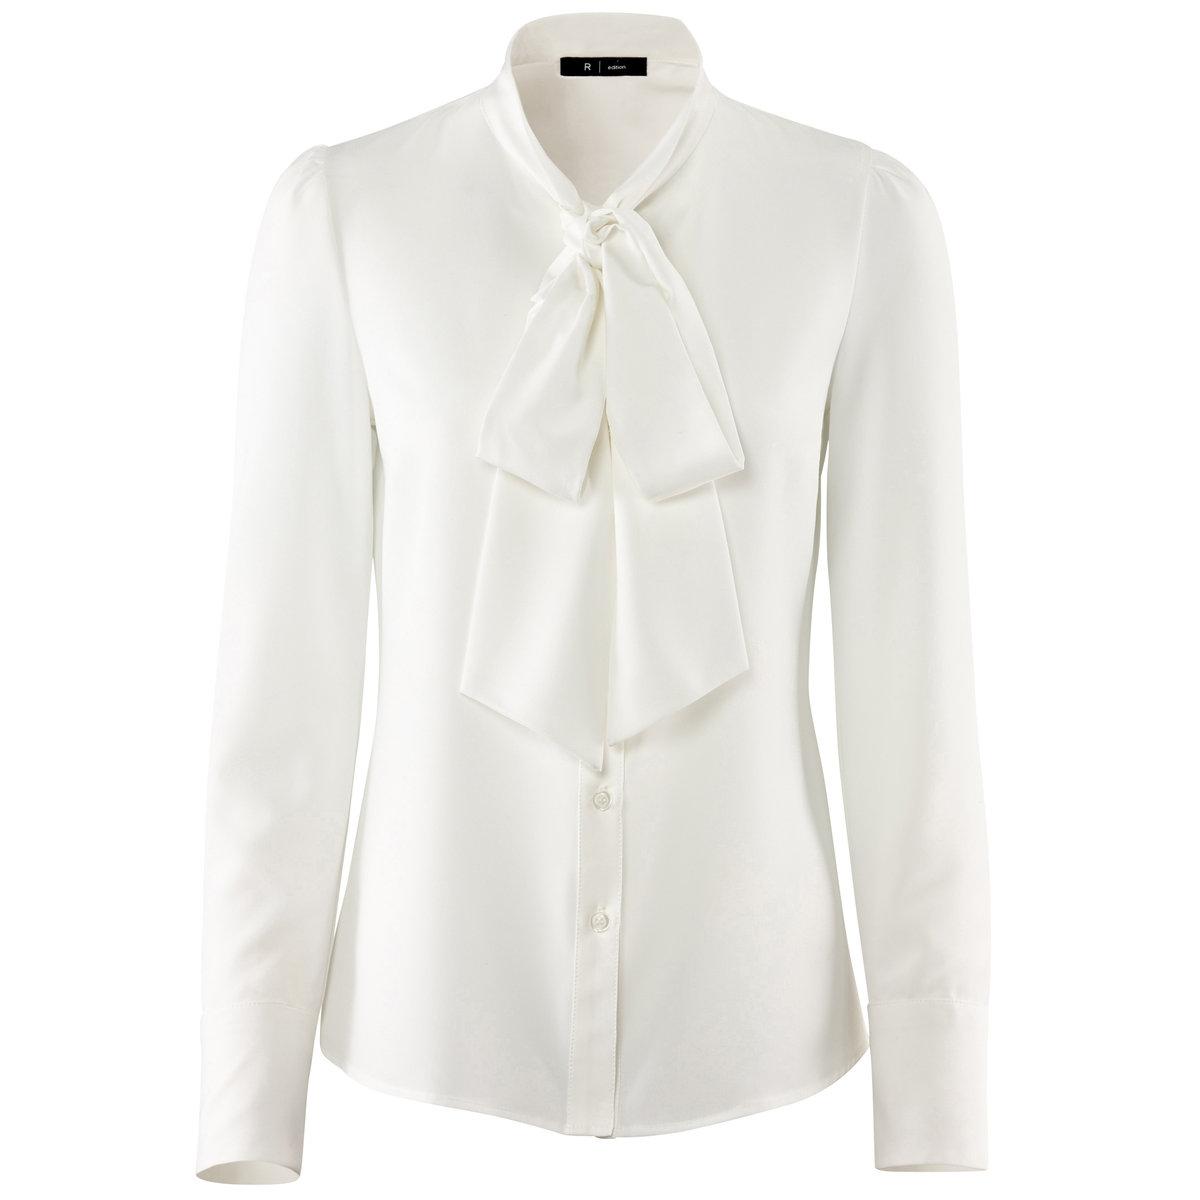 Блузка с длинными рукавамиБлузка. 100% полиэстер. Воротник-галстук. Длинные рукава и манжеты с застежкой на пуговицы. Длина 63 см.<br><br>Цвет: синий морской<br>Размер: 44 (FR) - 50 (RUS)